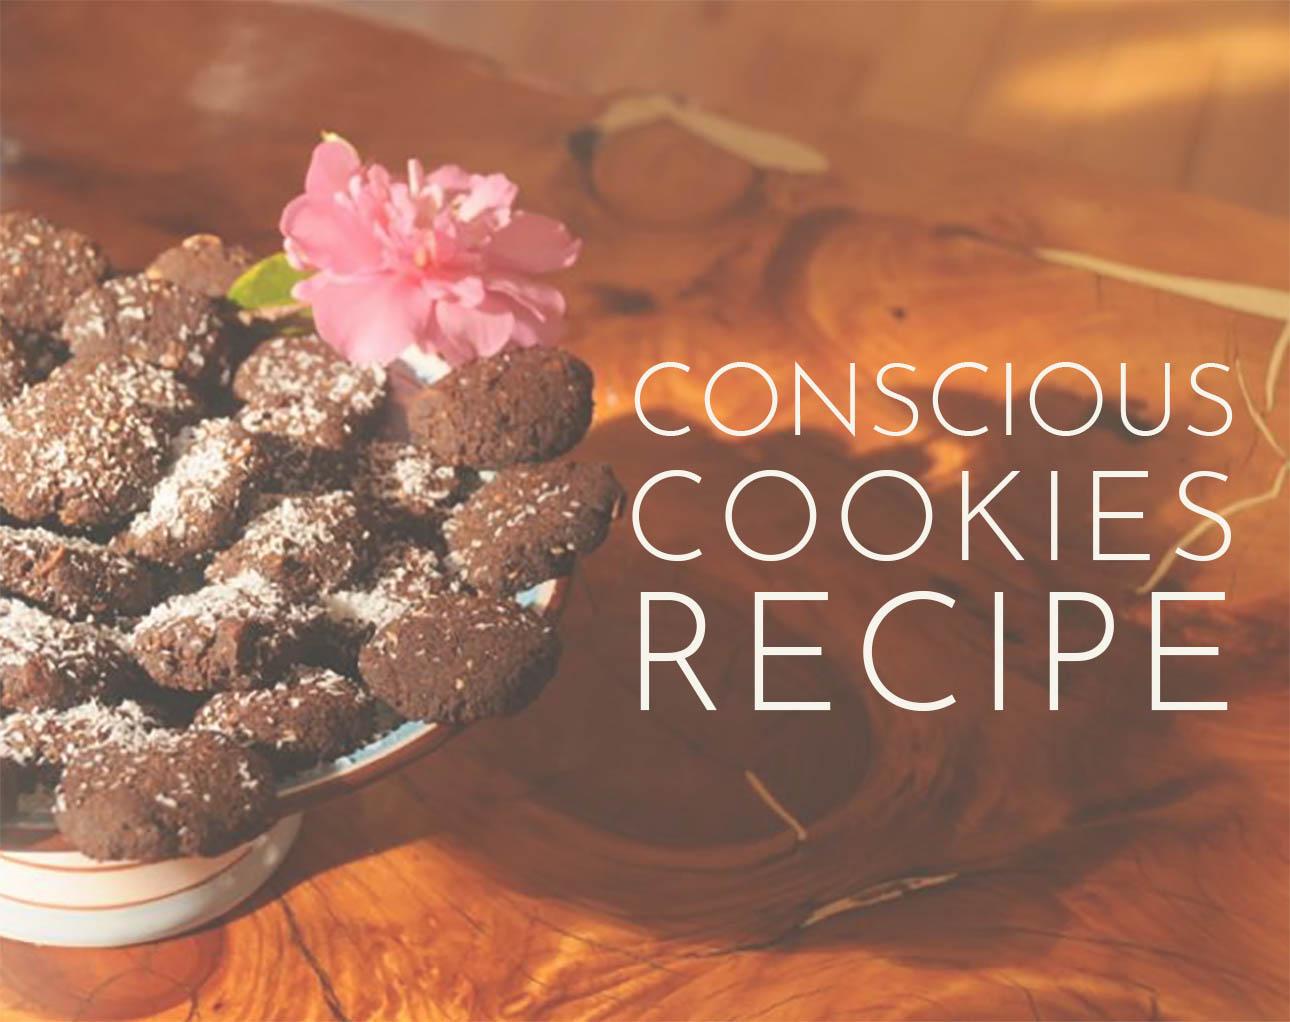 Conscious Cookies Recipe